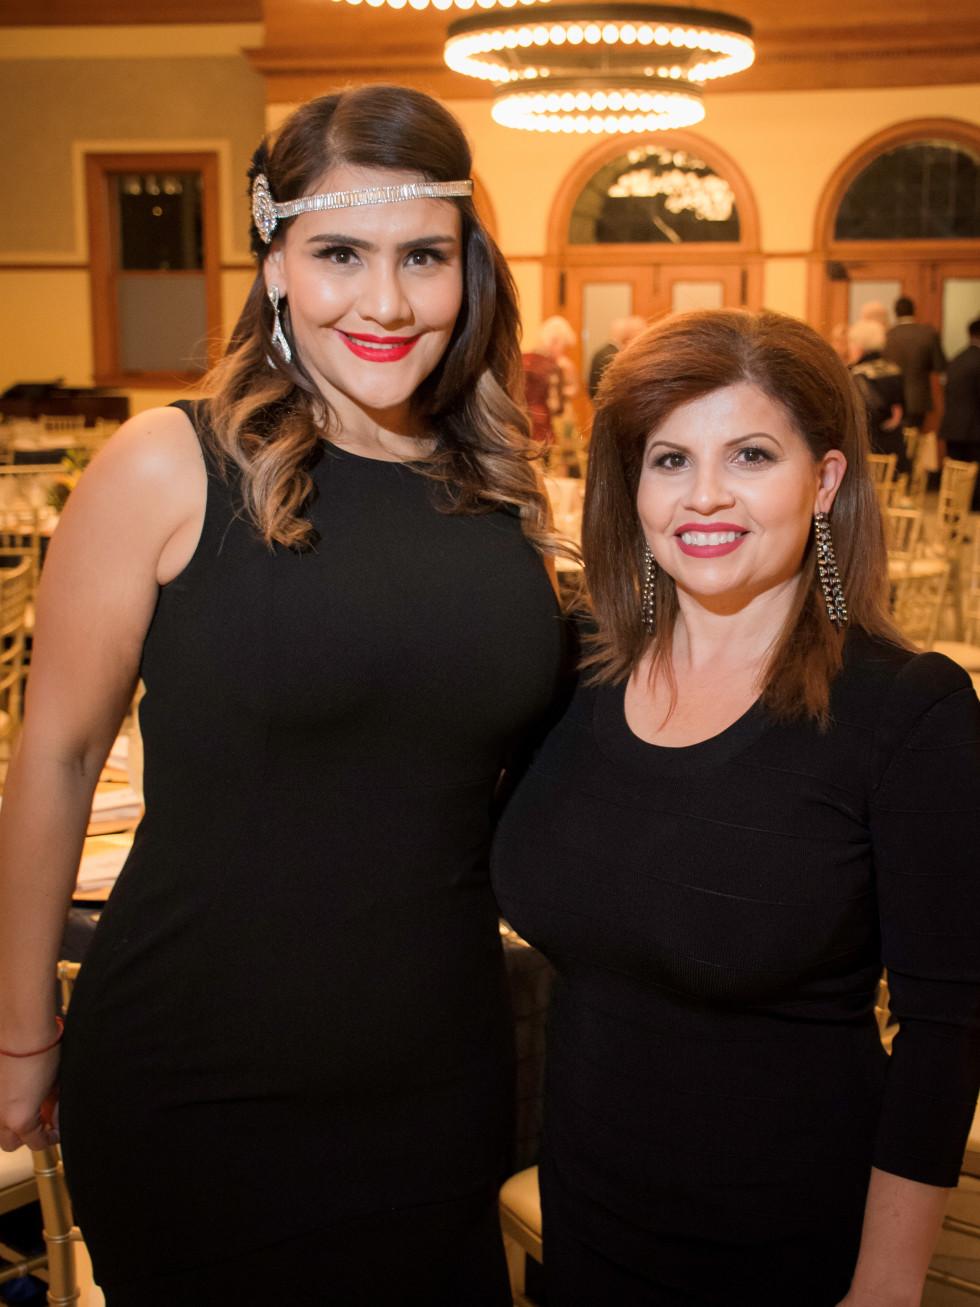 Pilar Candia and Diana Acosta